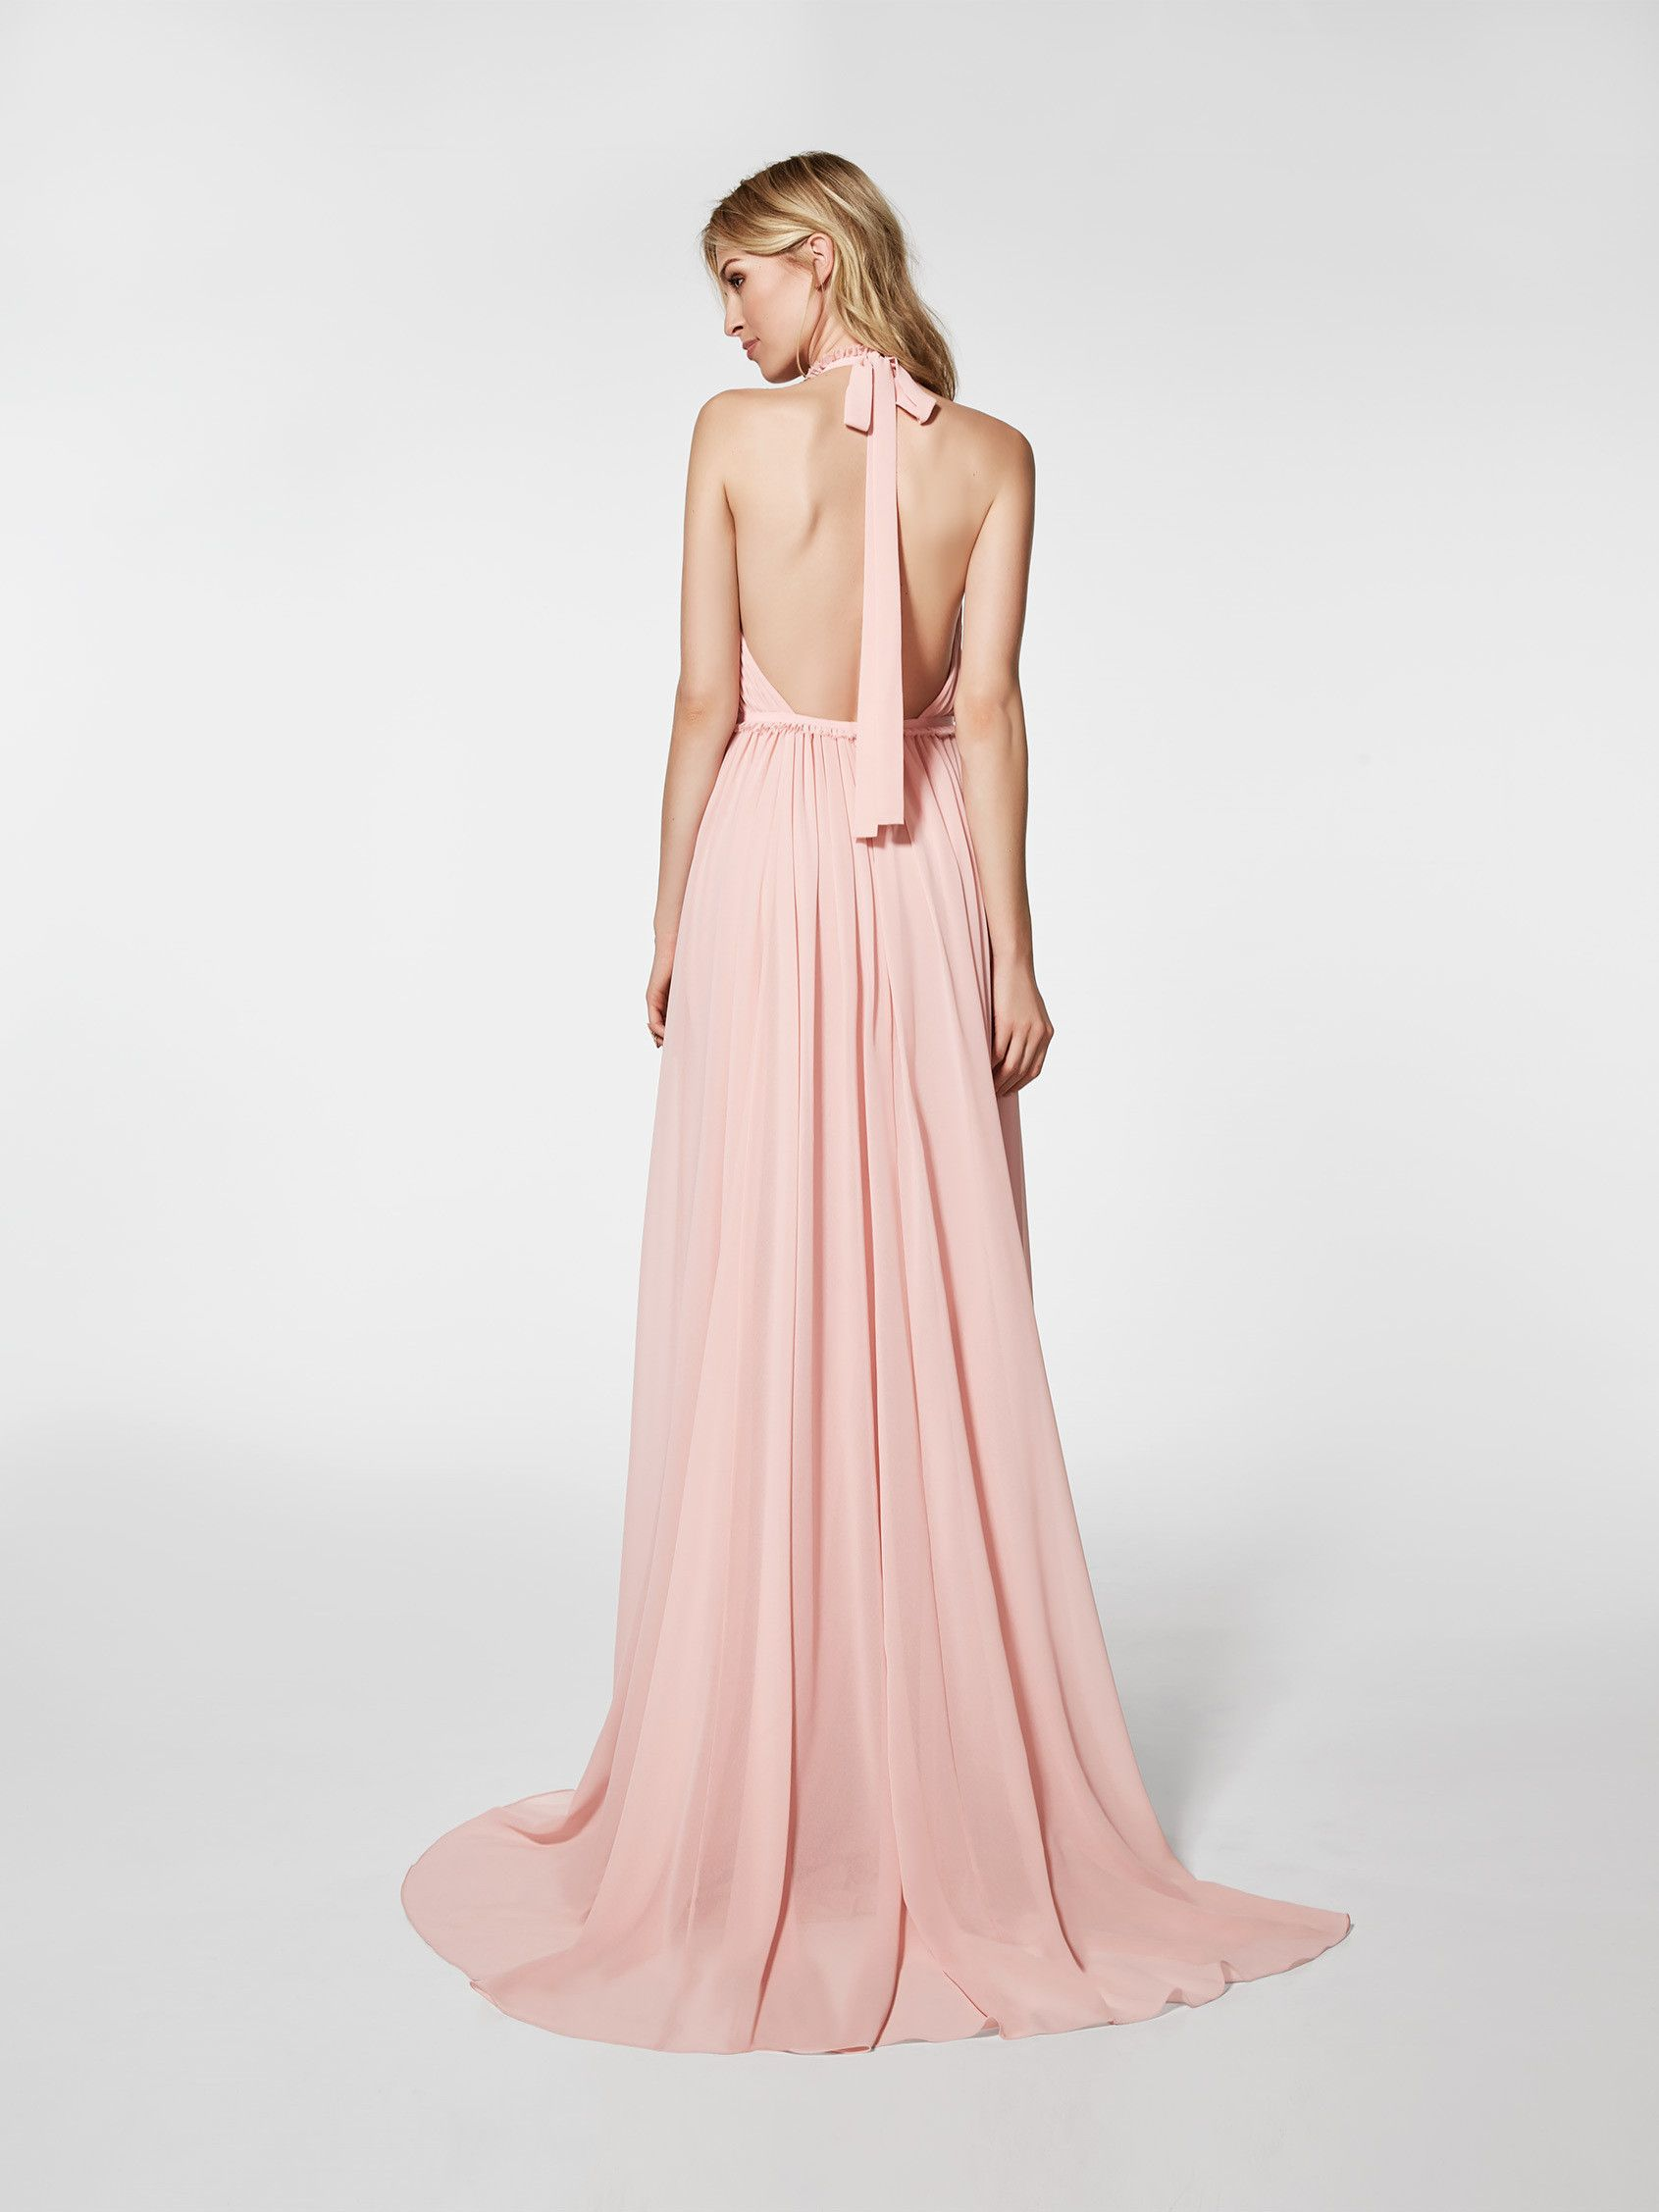 Vestido de fiesta rosa pálido - Vestido largo GRAMOE - sin mangas ...